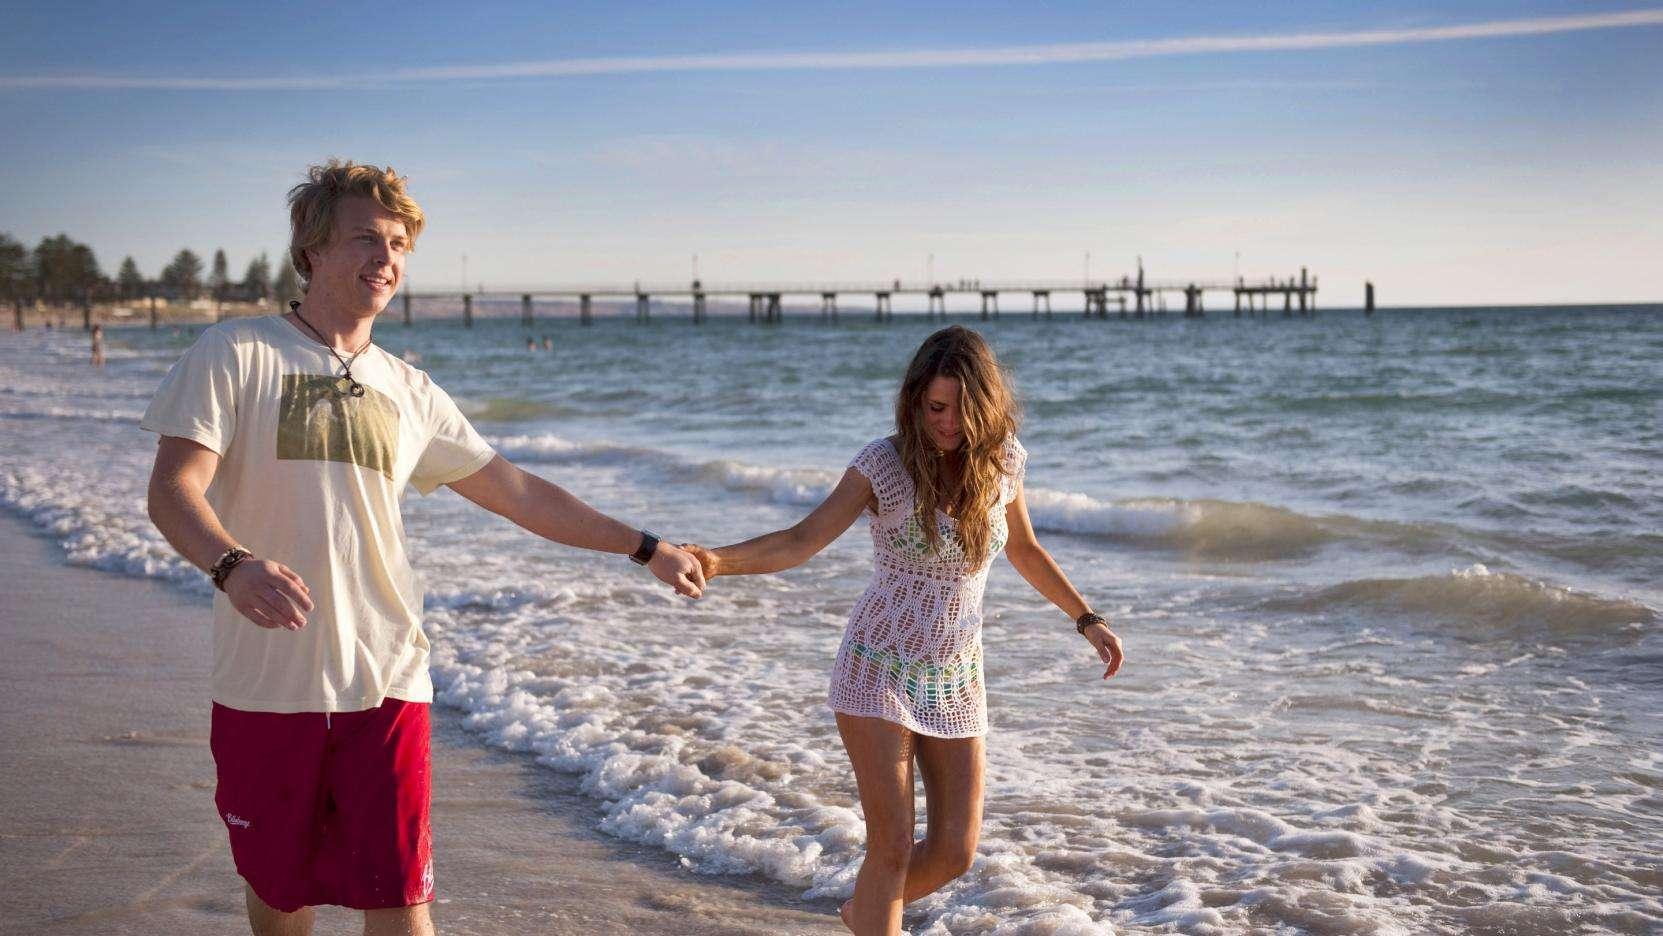 Mùa hè ở biển Adelaide vô cùng thú vị